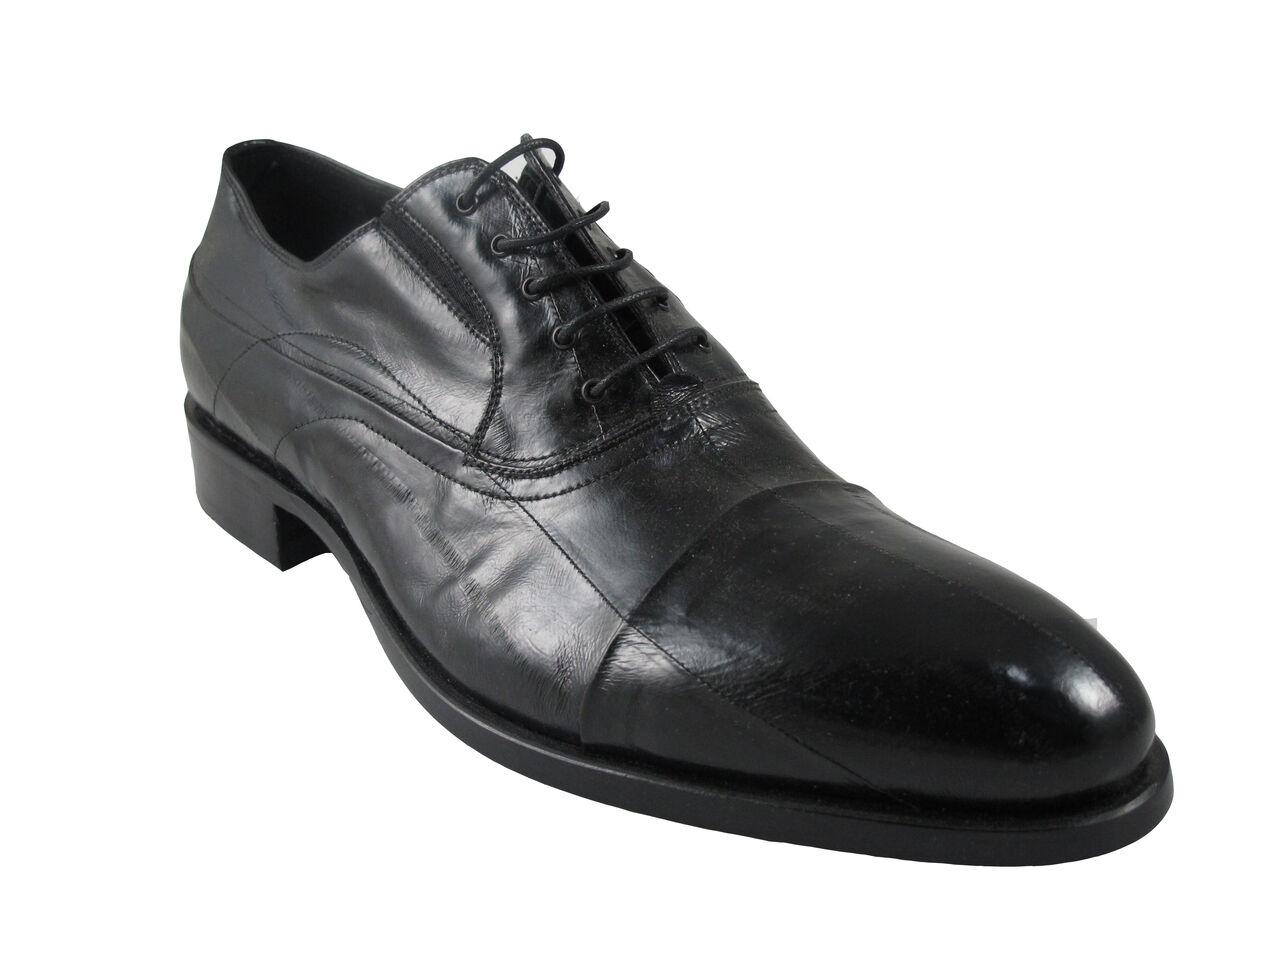 174219ea Zapatos Vestir rojowood 8402 Para Con Cordones Piel De Anguila en Negro  Hombres De nrvidb7670-Zapatos de vestir